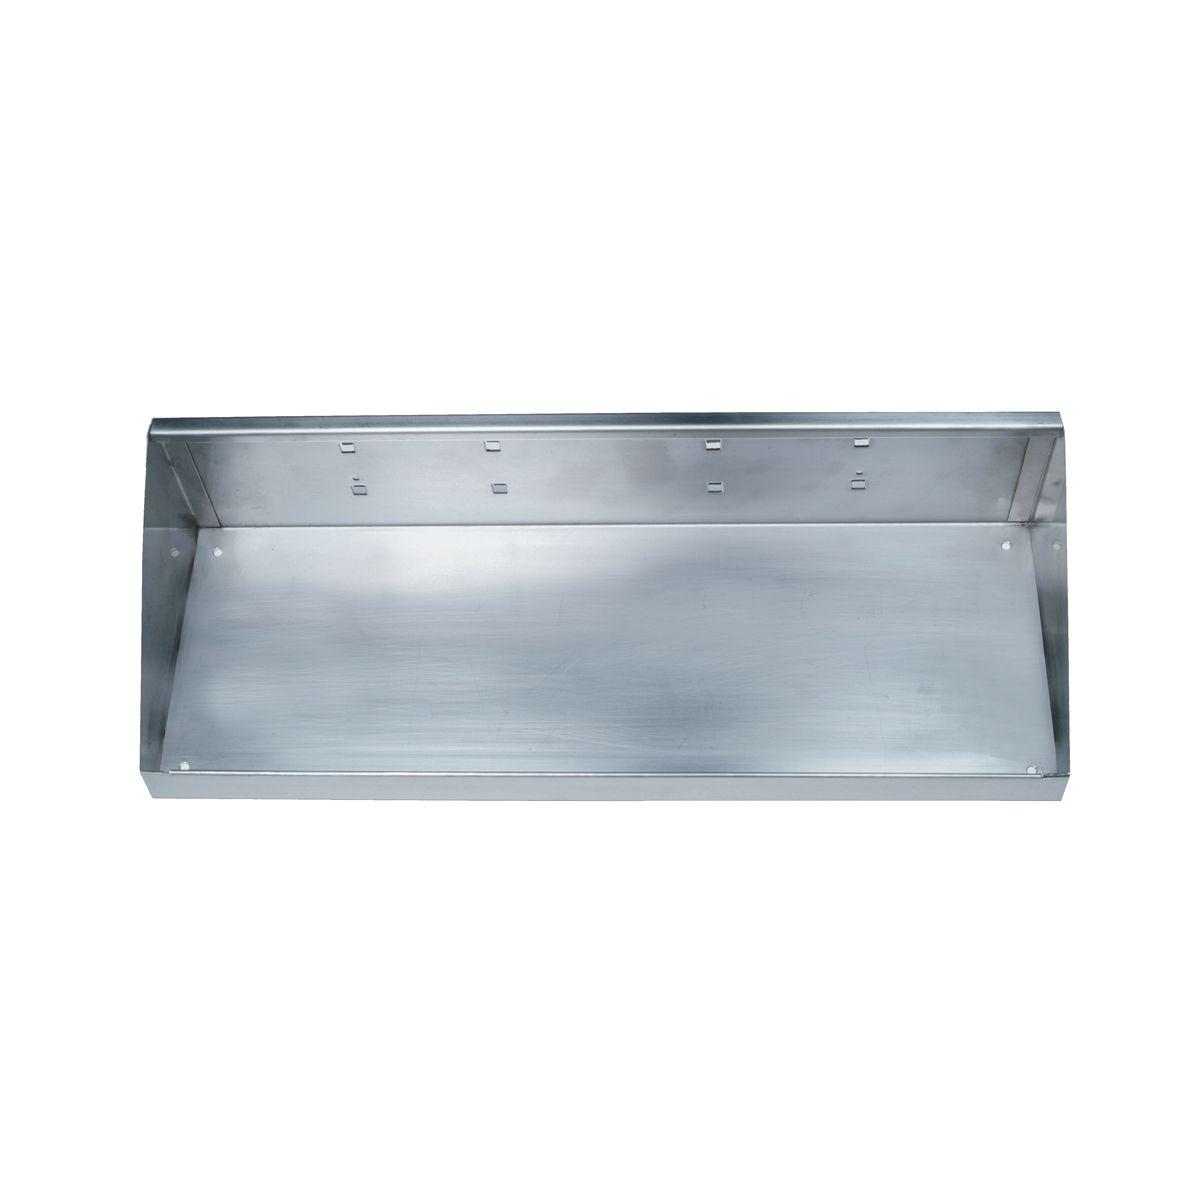 18 in. Stainless Steel LocBoard Shelf